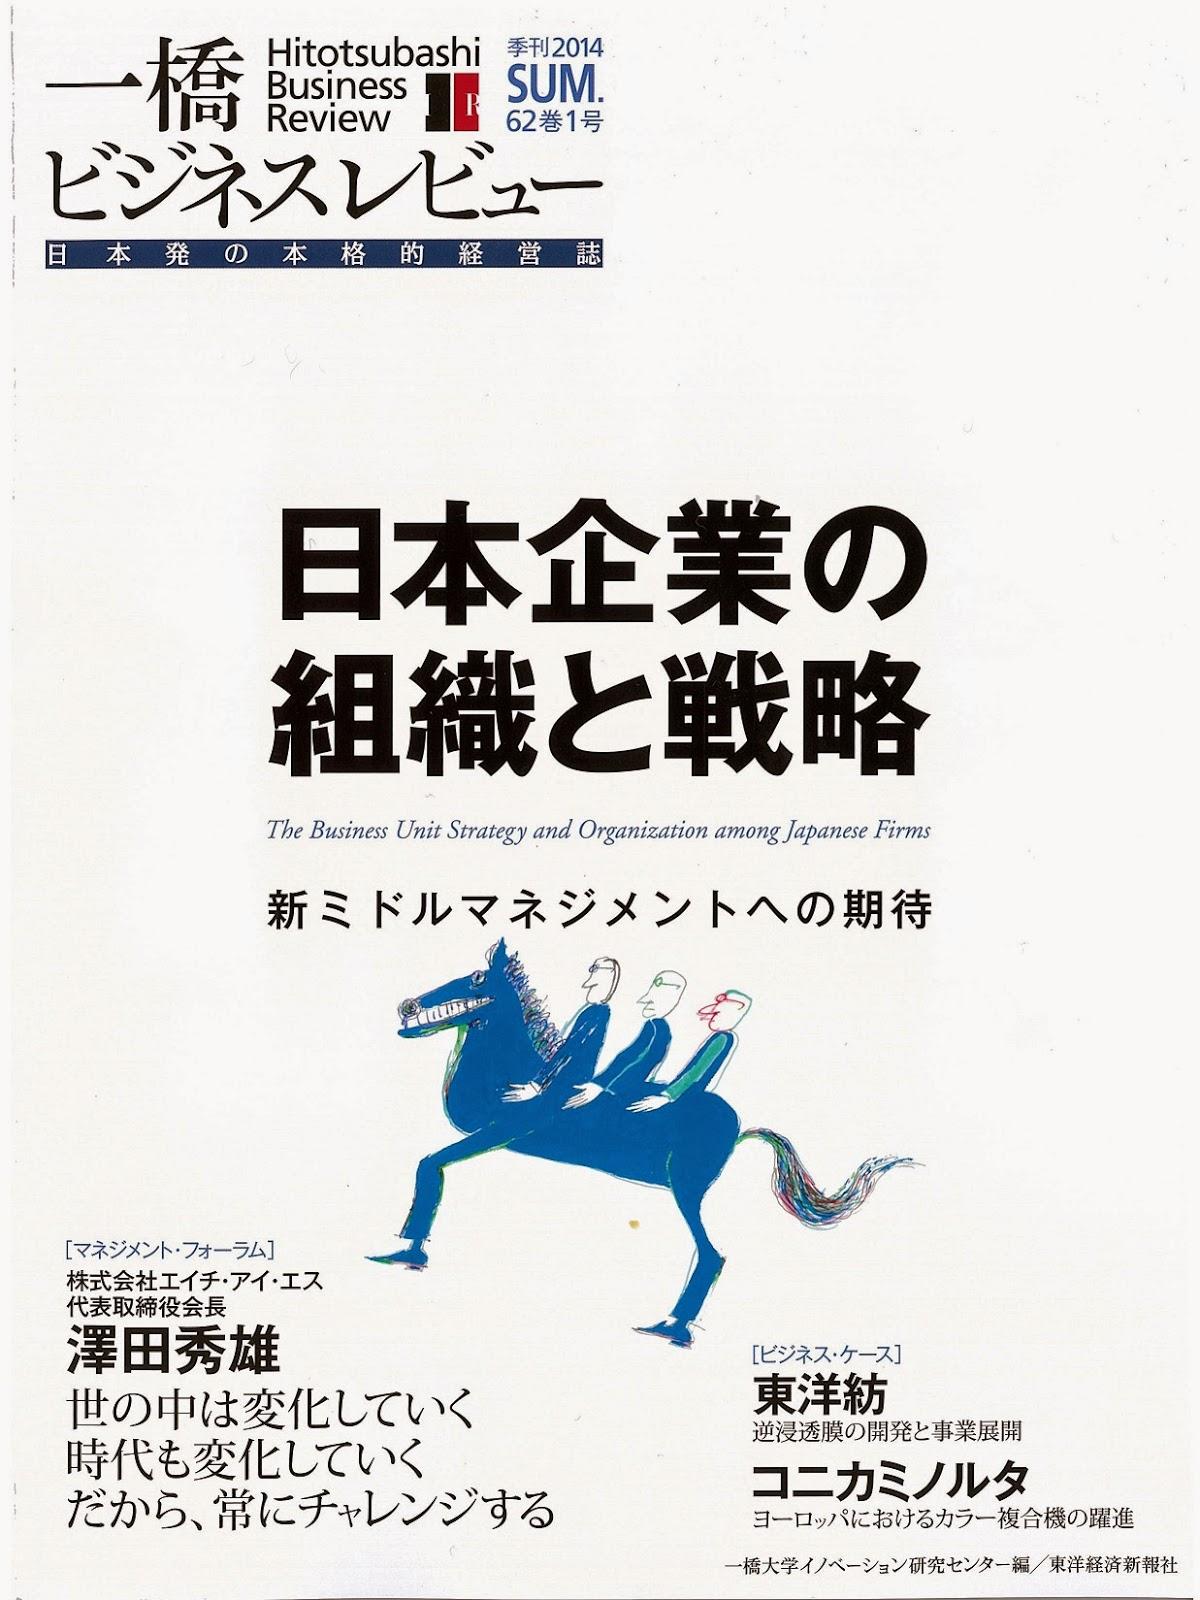 【一橋ビジネスレビュー】 2014年度 Vol.62-No.1